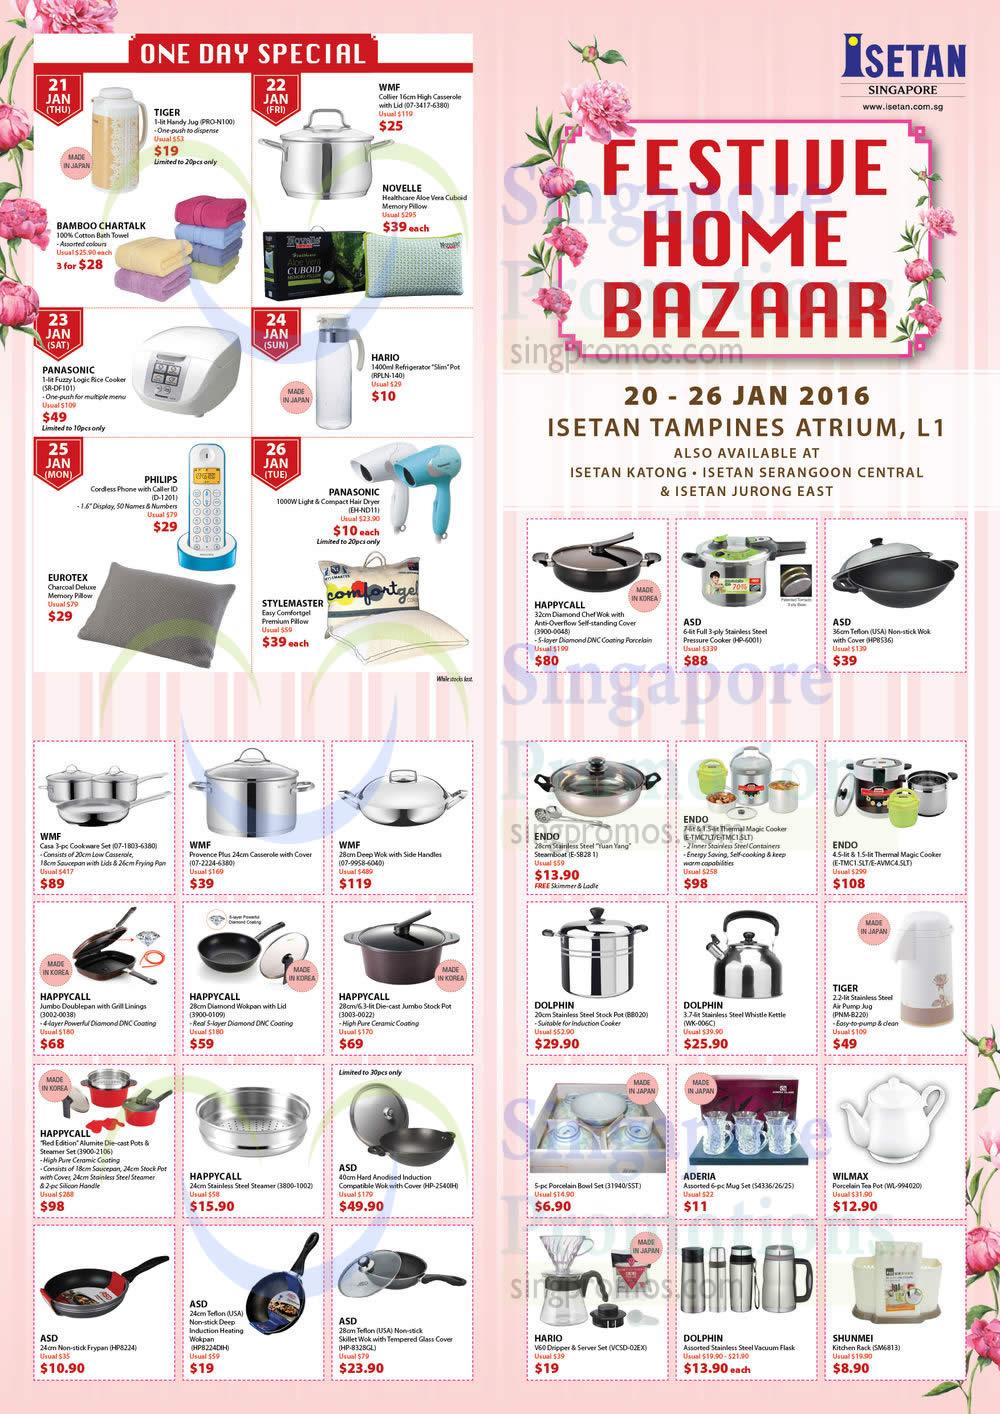 Festive Home Bazaar, One Day Specials, Kitchenware, Pans, WMF